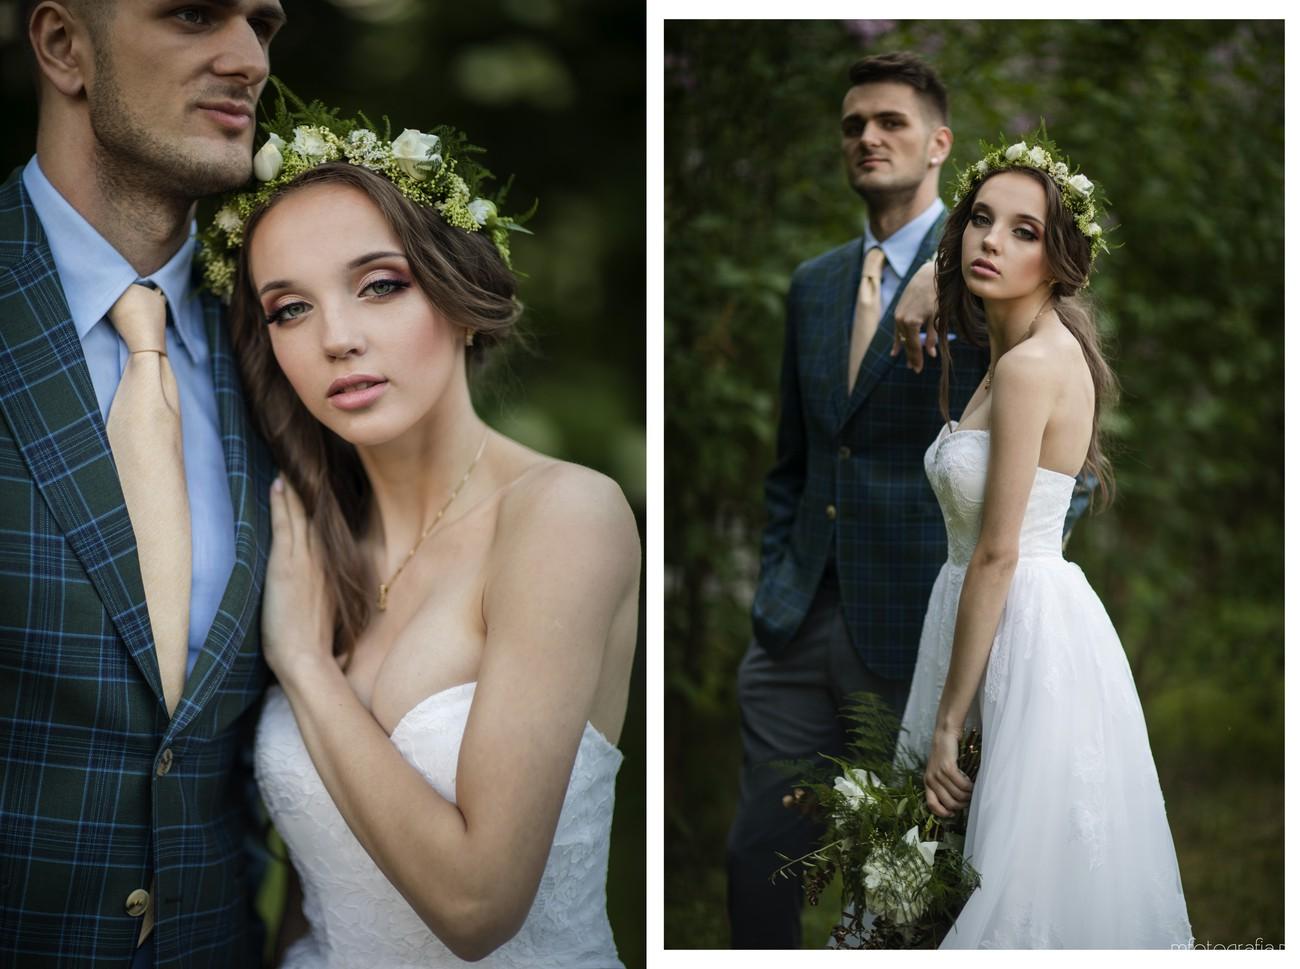 zielone dodatki na sesji ślubnej